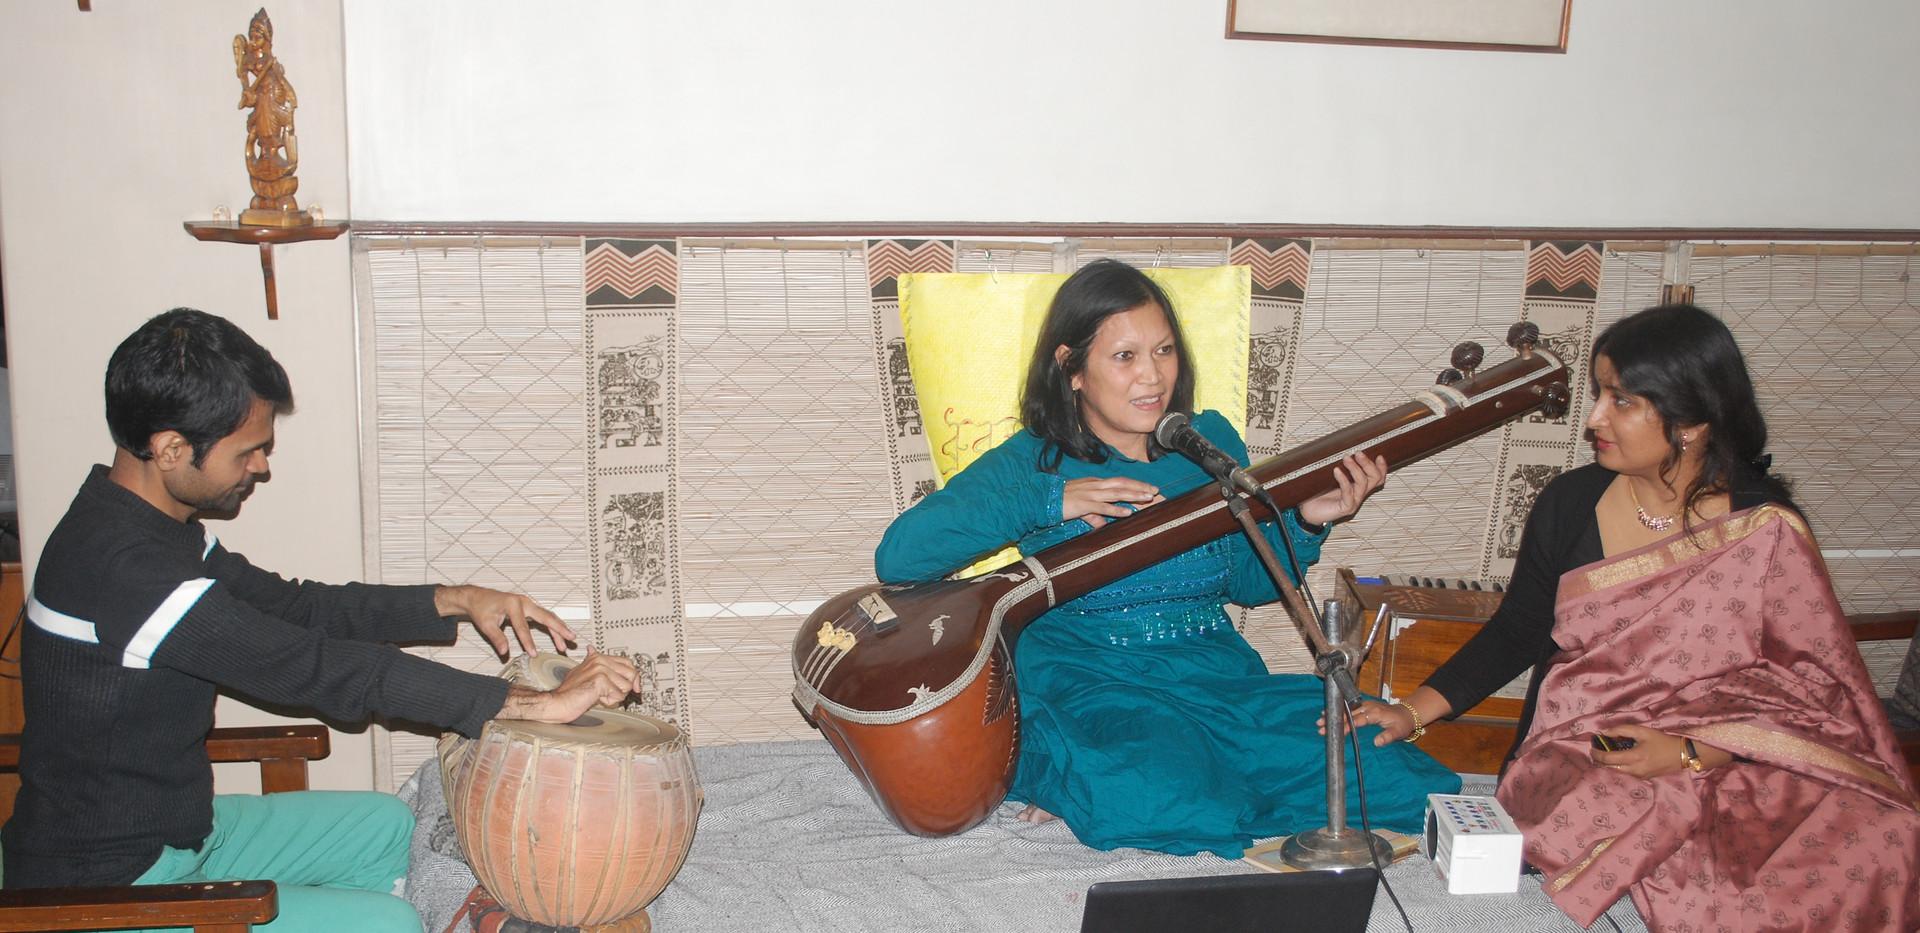 Huisconcert Indiase zang Kolkata